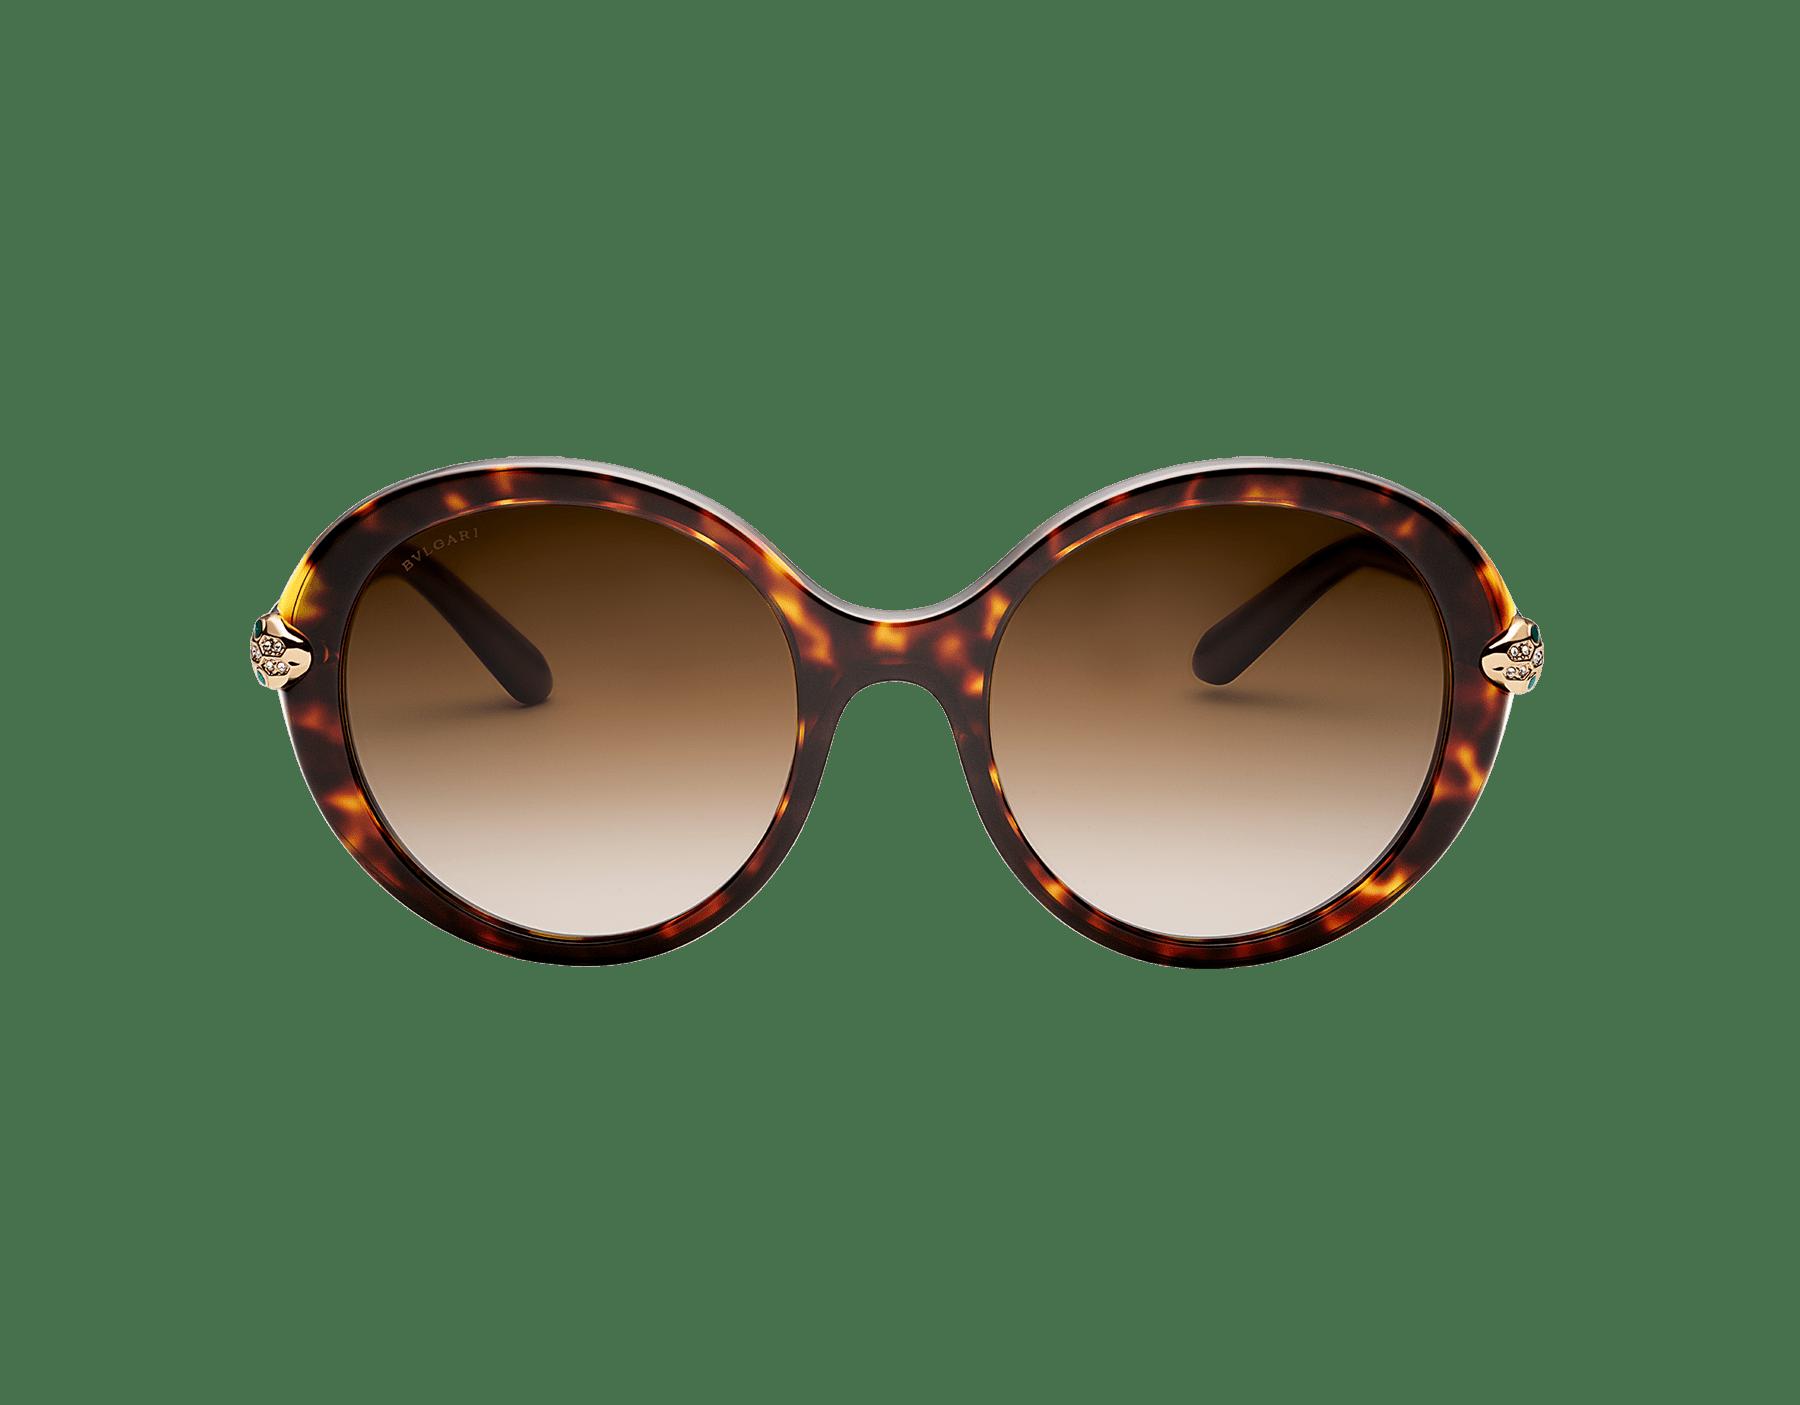 Óculos de sol Serpenti com formato redondo em acetato. Disponível em Asian Fit. 903583 image 2